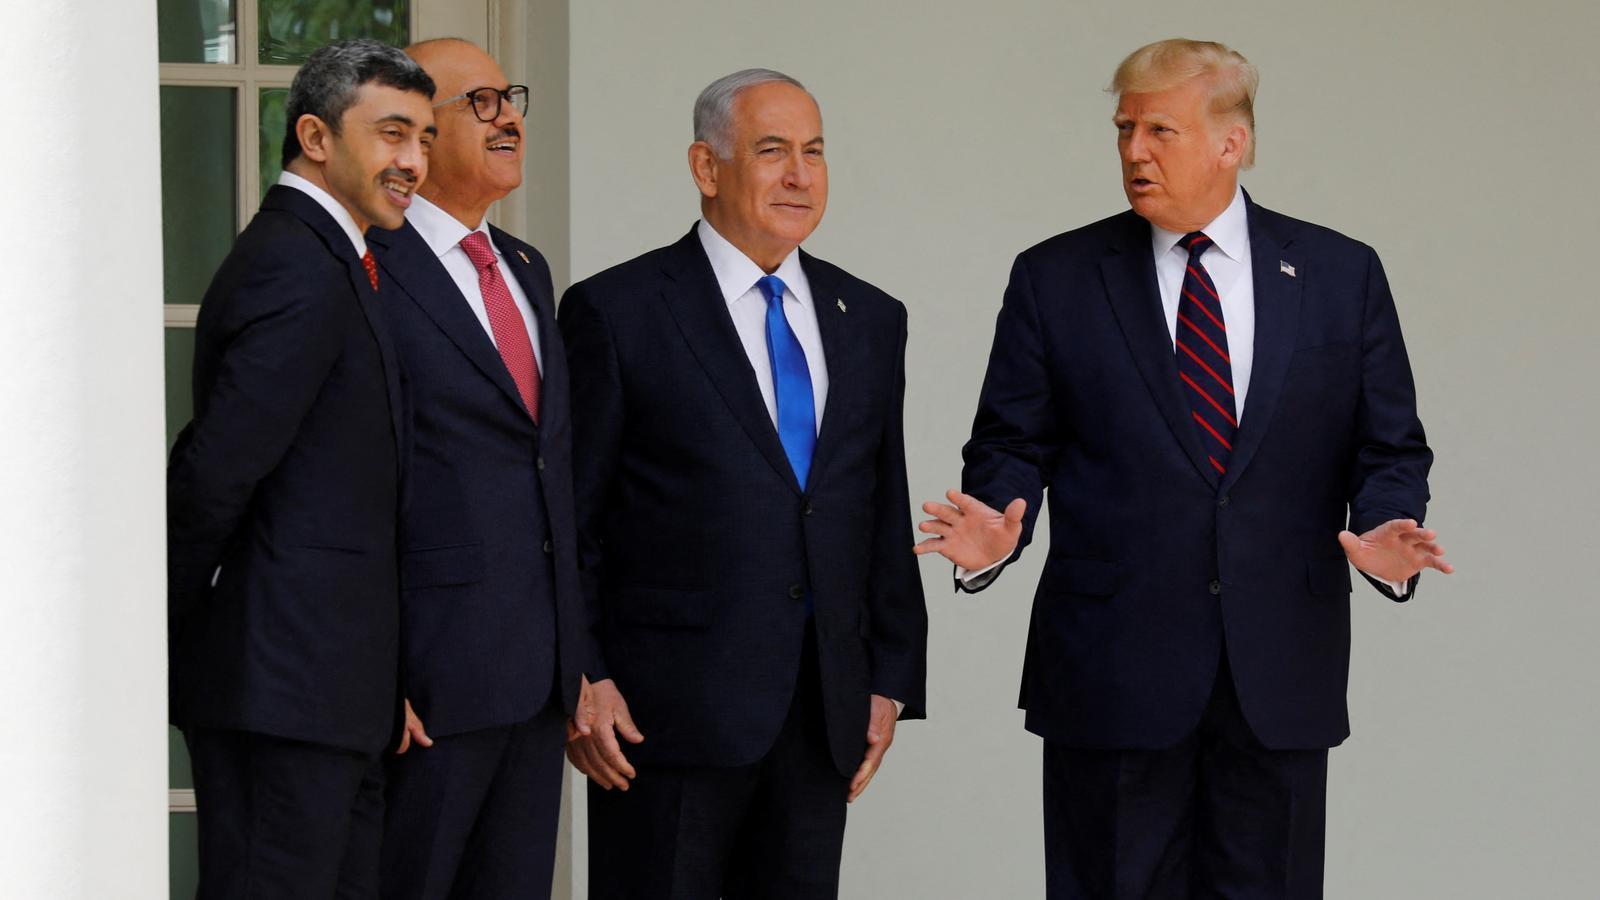 Netanyahu, acusat de viatjar amb maletes plenes de roba bruta als EUA perquè l'hi netegin a la Casa Blanca